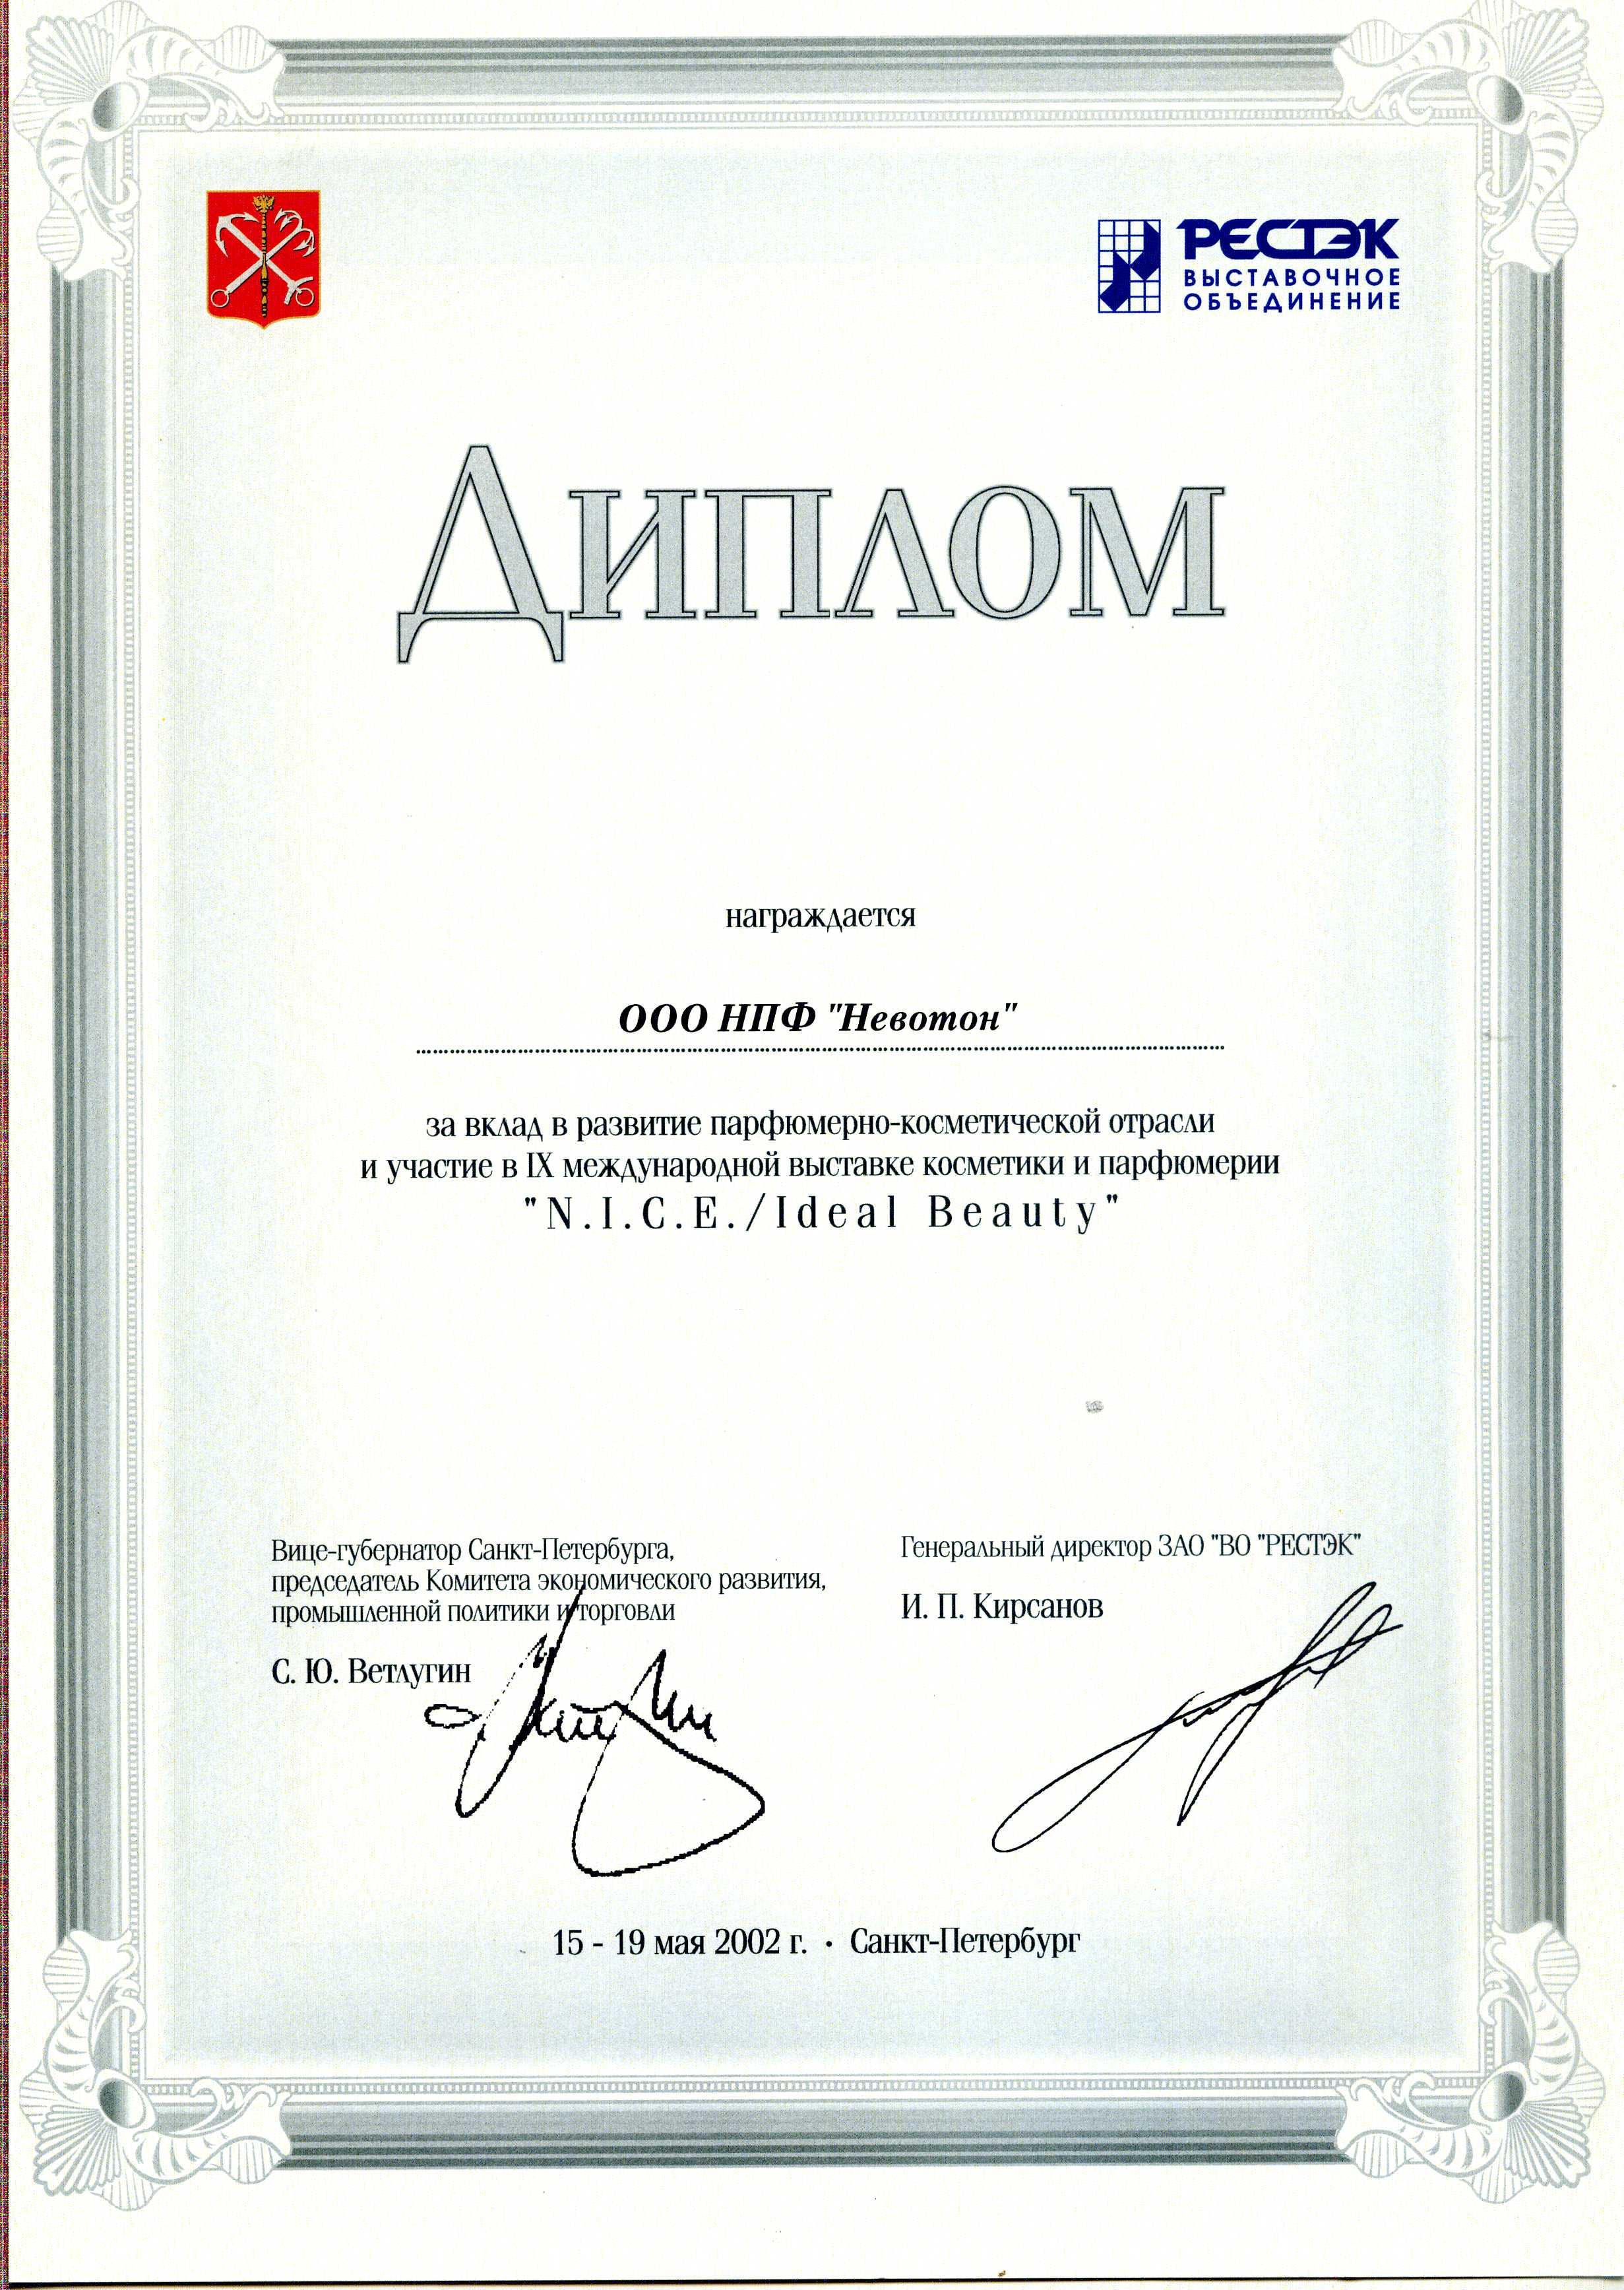 диплом за вклад